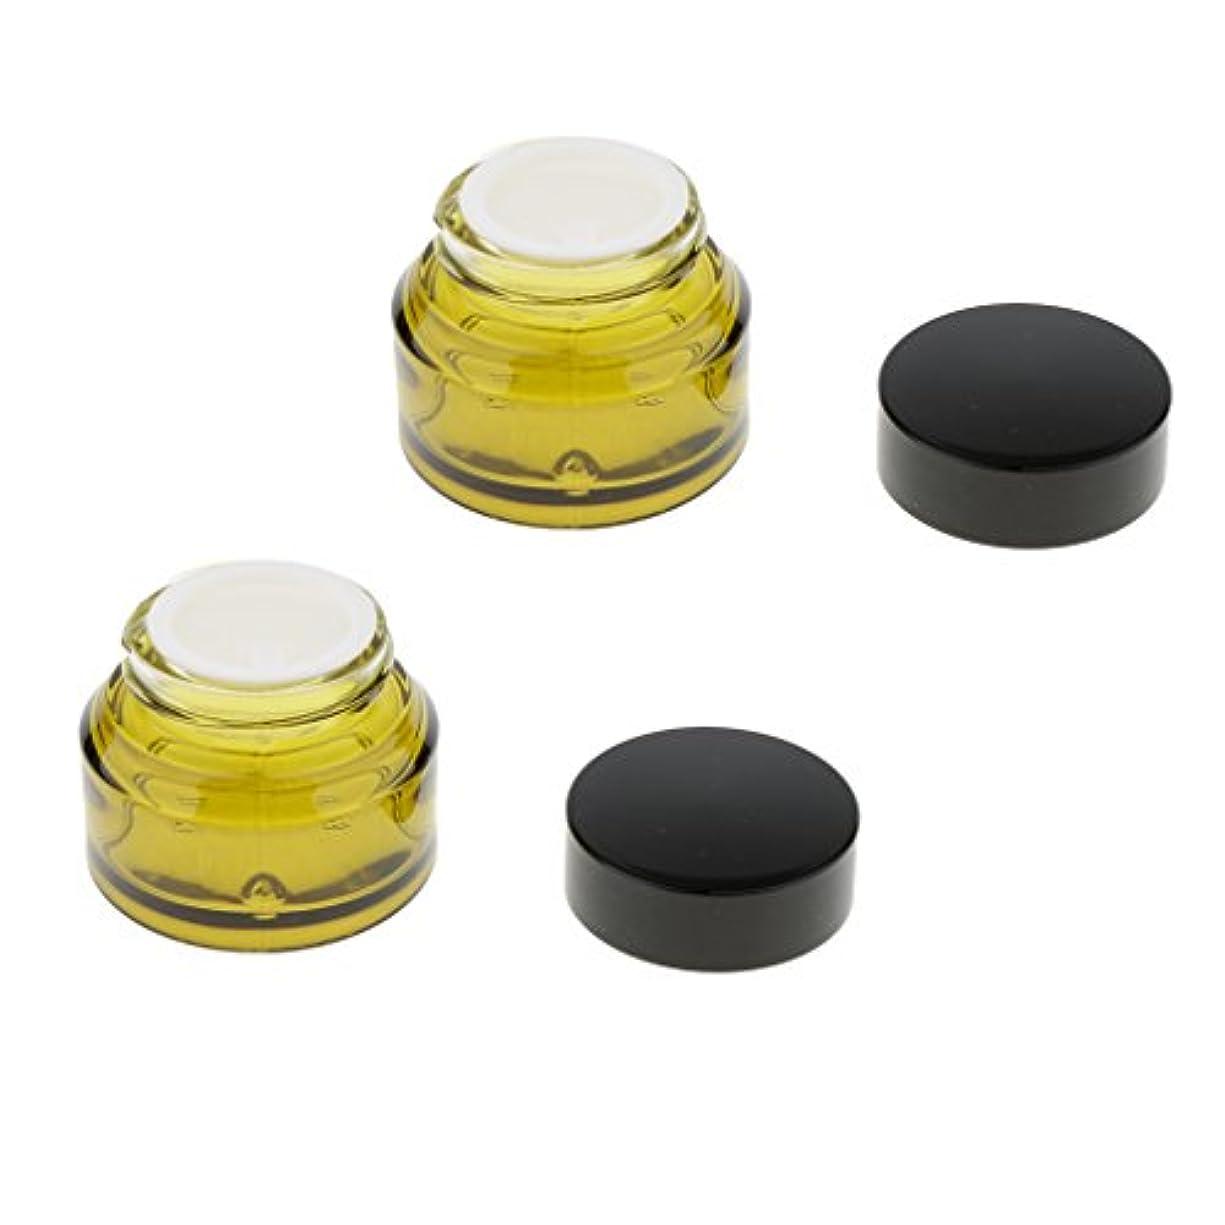 突然のがっかりする協力的Toygogo 化粧品 容器 クリームボトル ガラス 瓶 アロマ クリーム ローション 保存 詰替え 3サイズ選べ - 30g